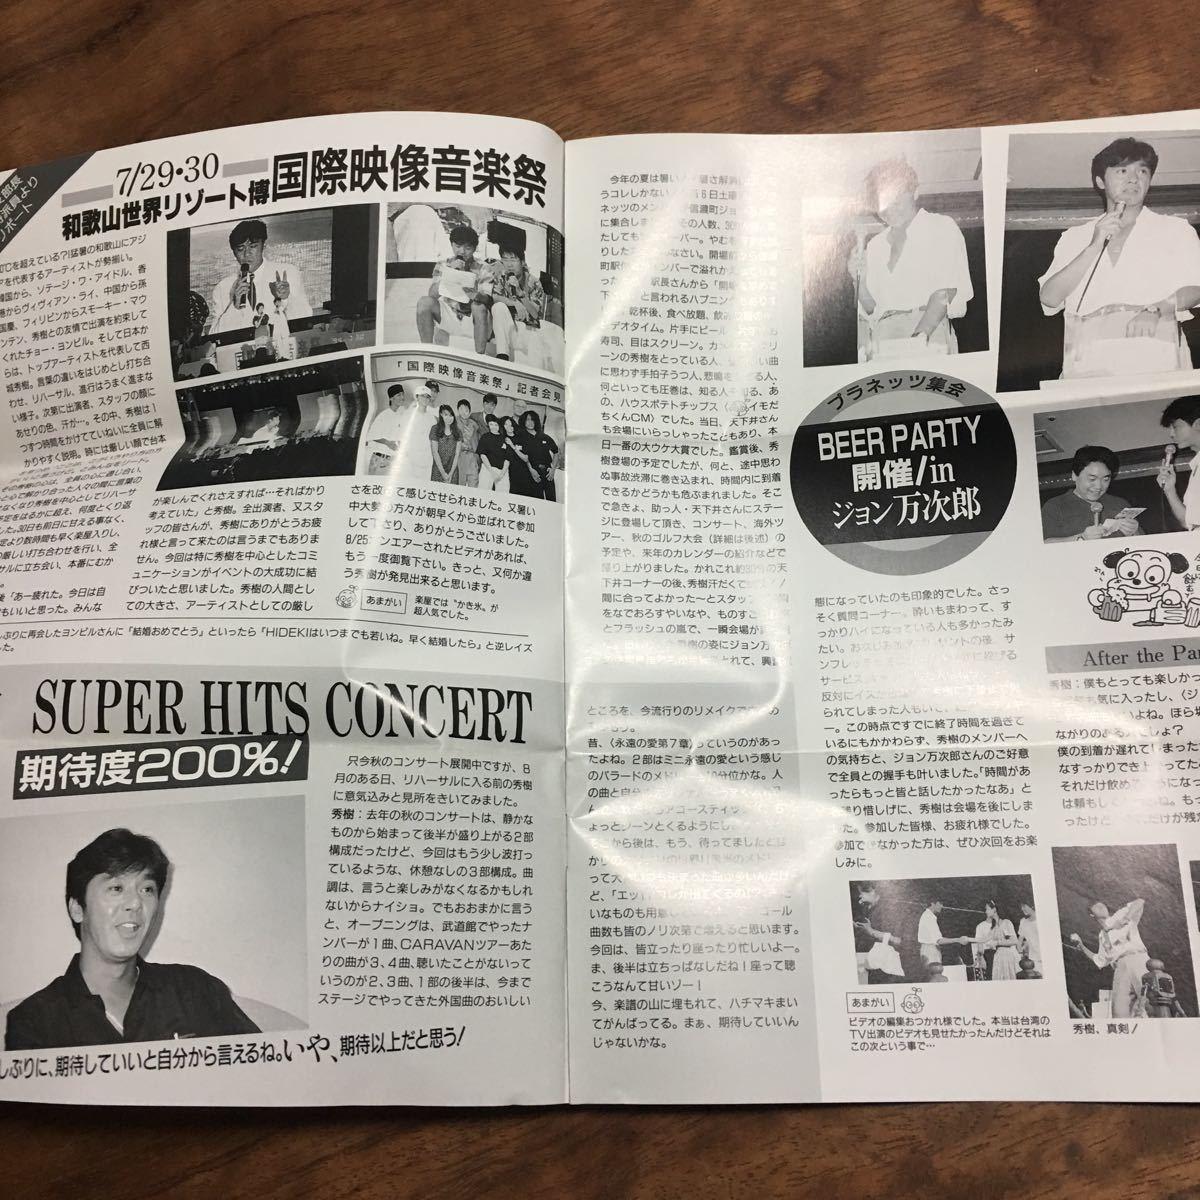 西城秀樹 ファンクラブ会報誌 DUET 1994 vol 37_画像2